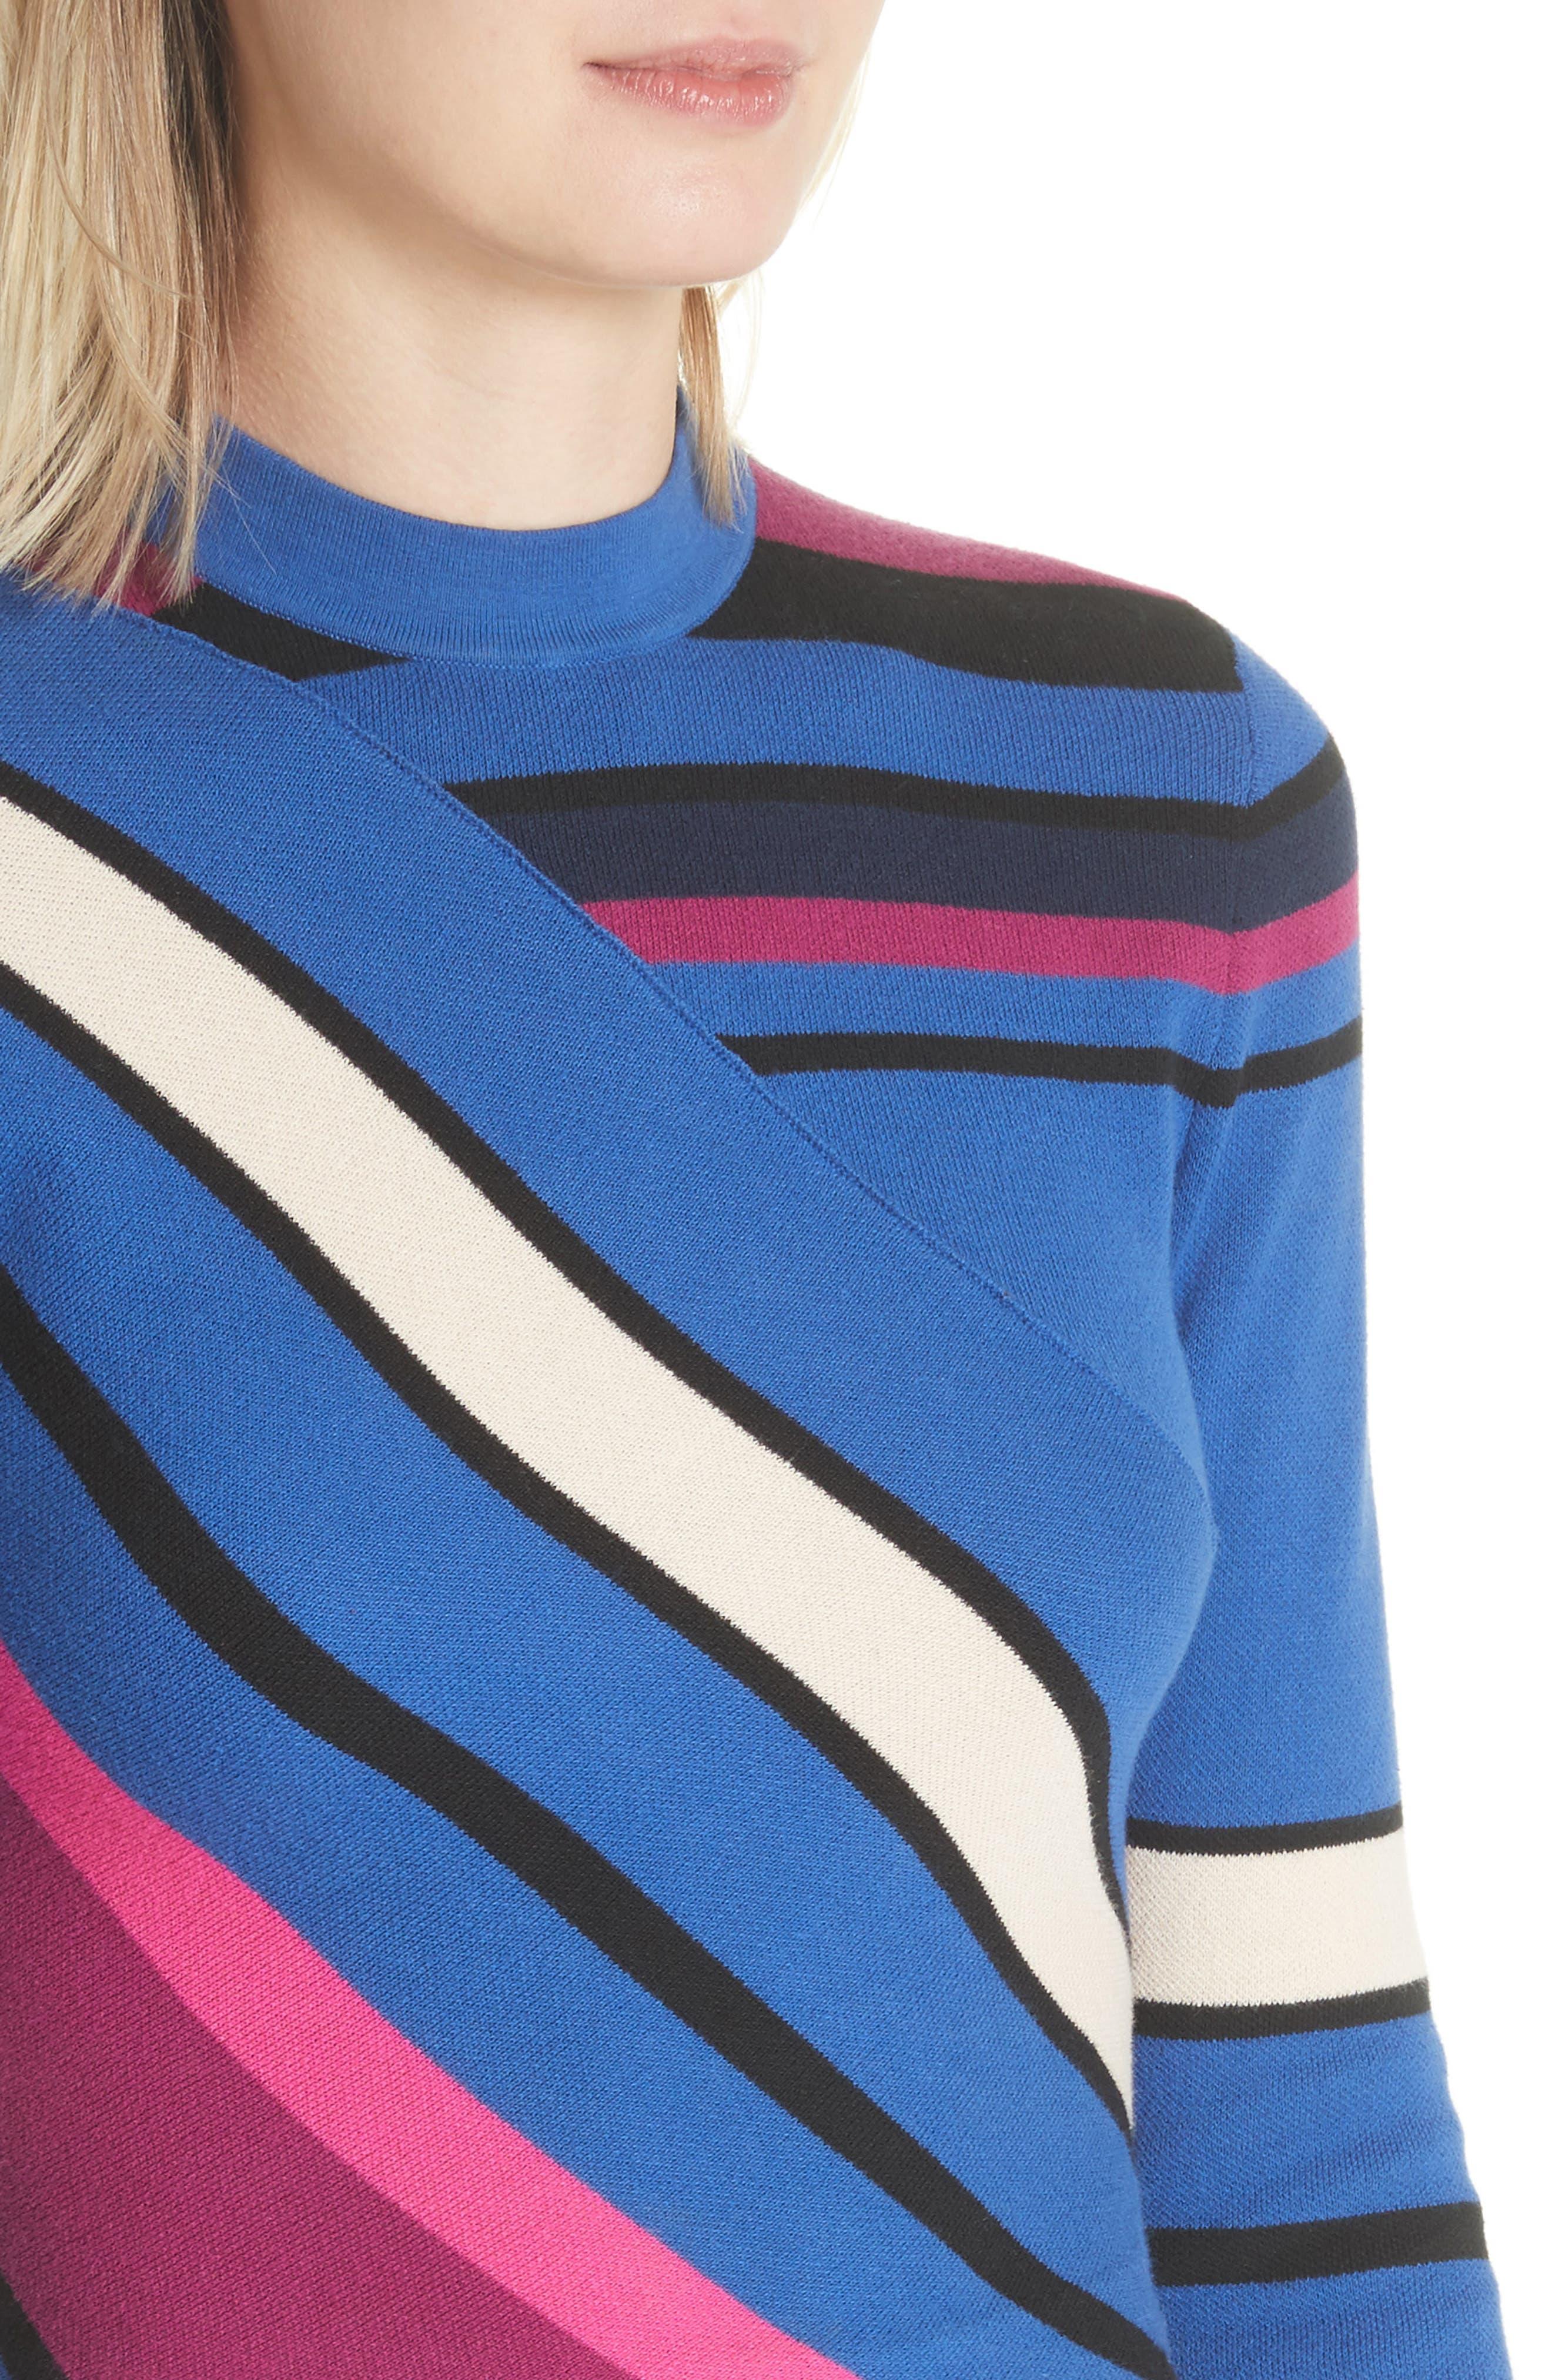 Stripe Crop Cotton Top,                             Alternate thumbnail 4, color,                             498